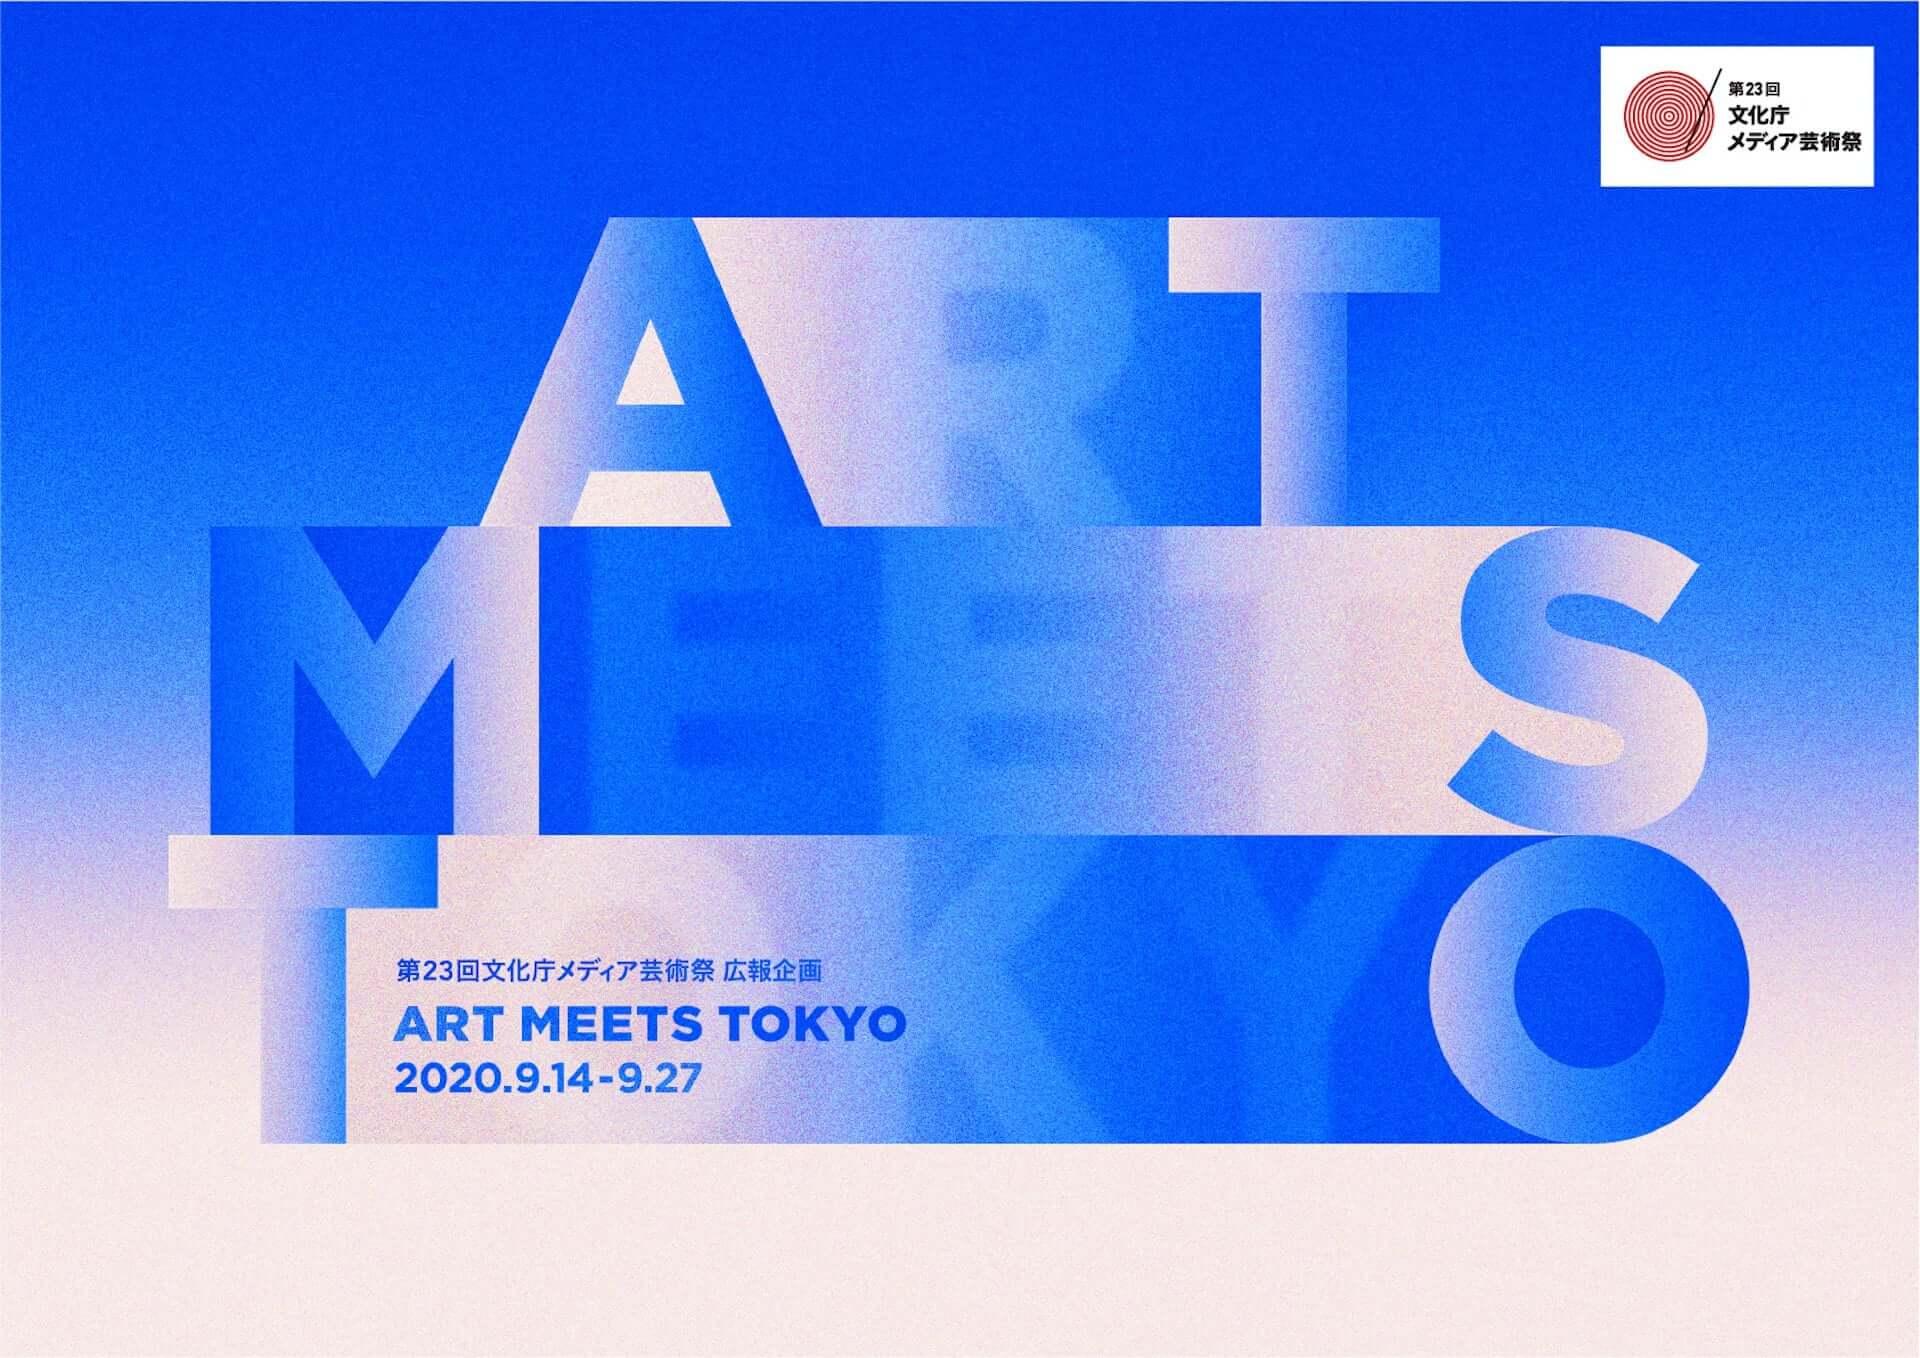 ライゾマティクス・アーキテクチャーらがアートプロジェクト<ART MEETS TOKYO>を始動!<第23回文化庁メディア芸術祭受賞作品展>広報企画 art200910_art-meets-tokyo_2-1920x1358